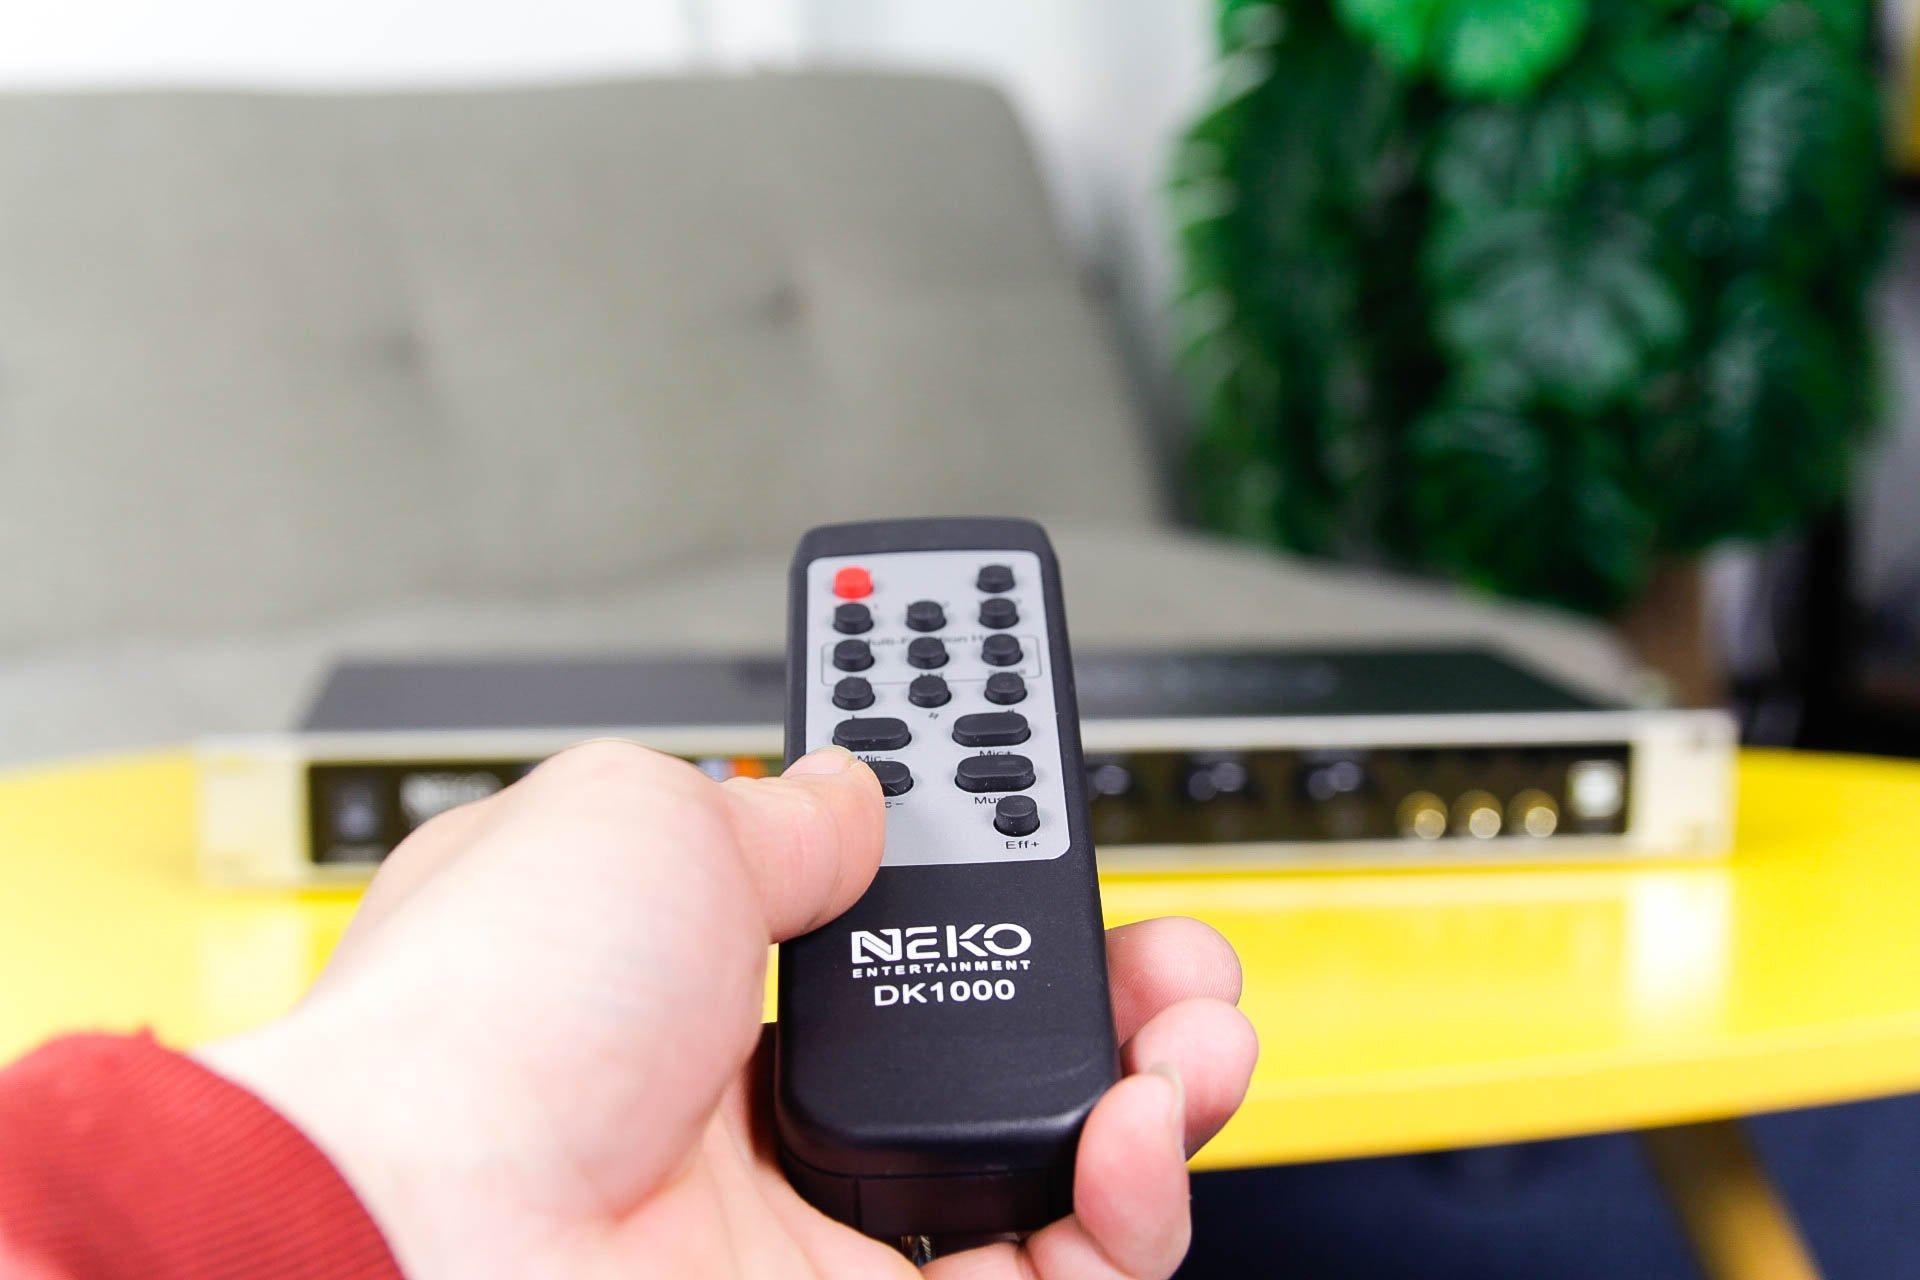 Vang số chỉnh cơ NEKO DK1000 - Hàng Chính Hãng - Có blueeooth, cổng quang học, dễ chỉnh